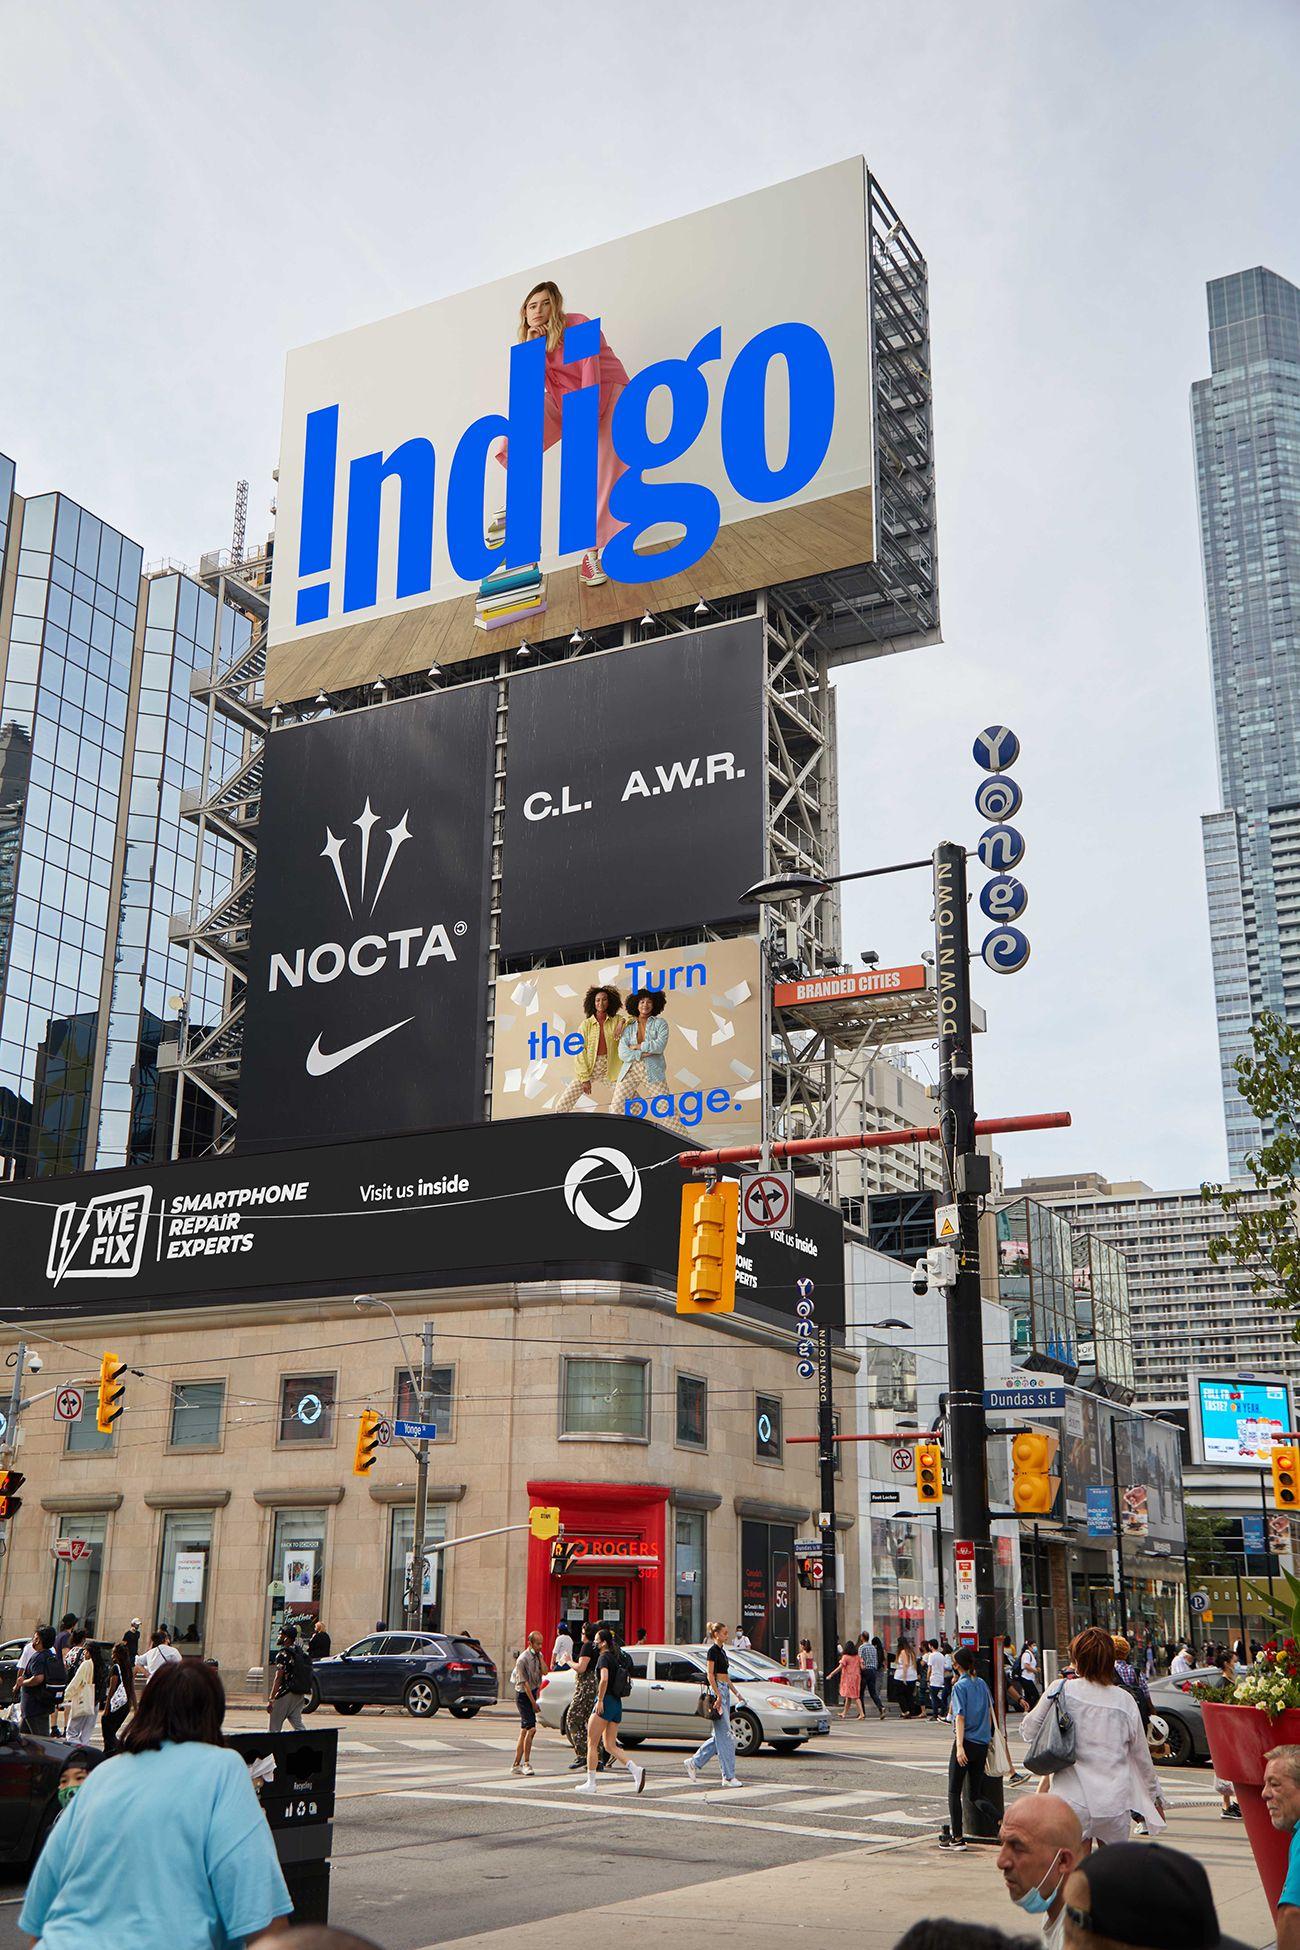 Grosse affiche indigo dans les rues de toronto